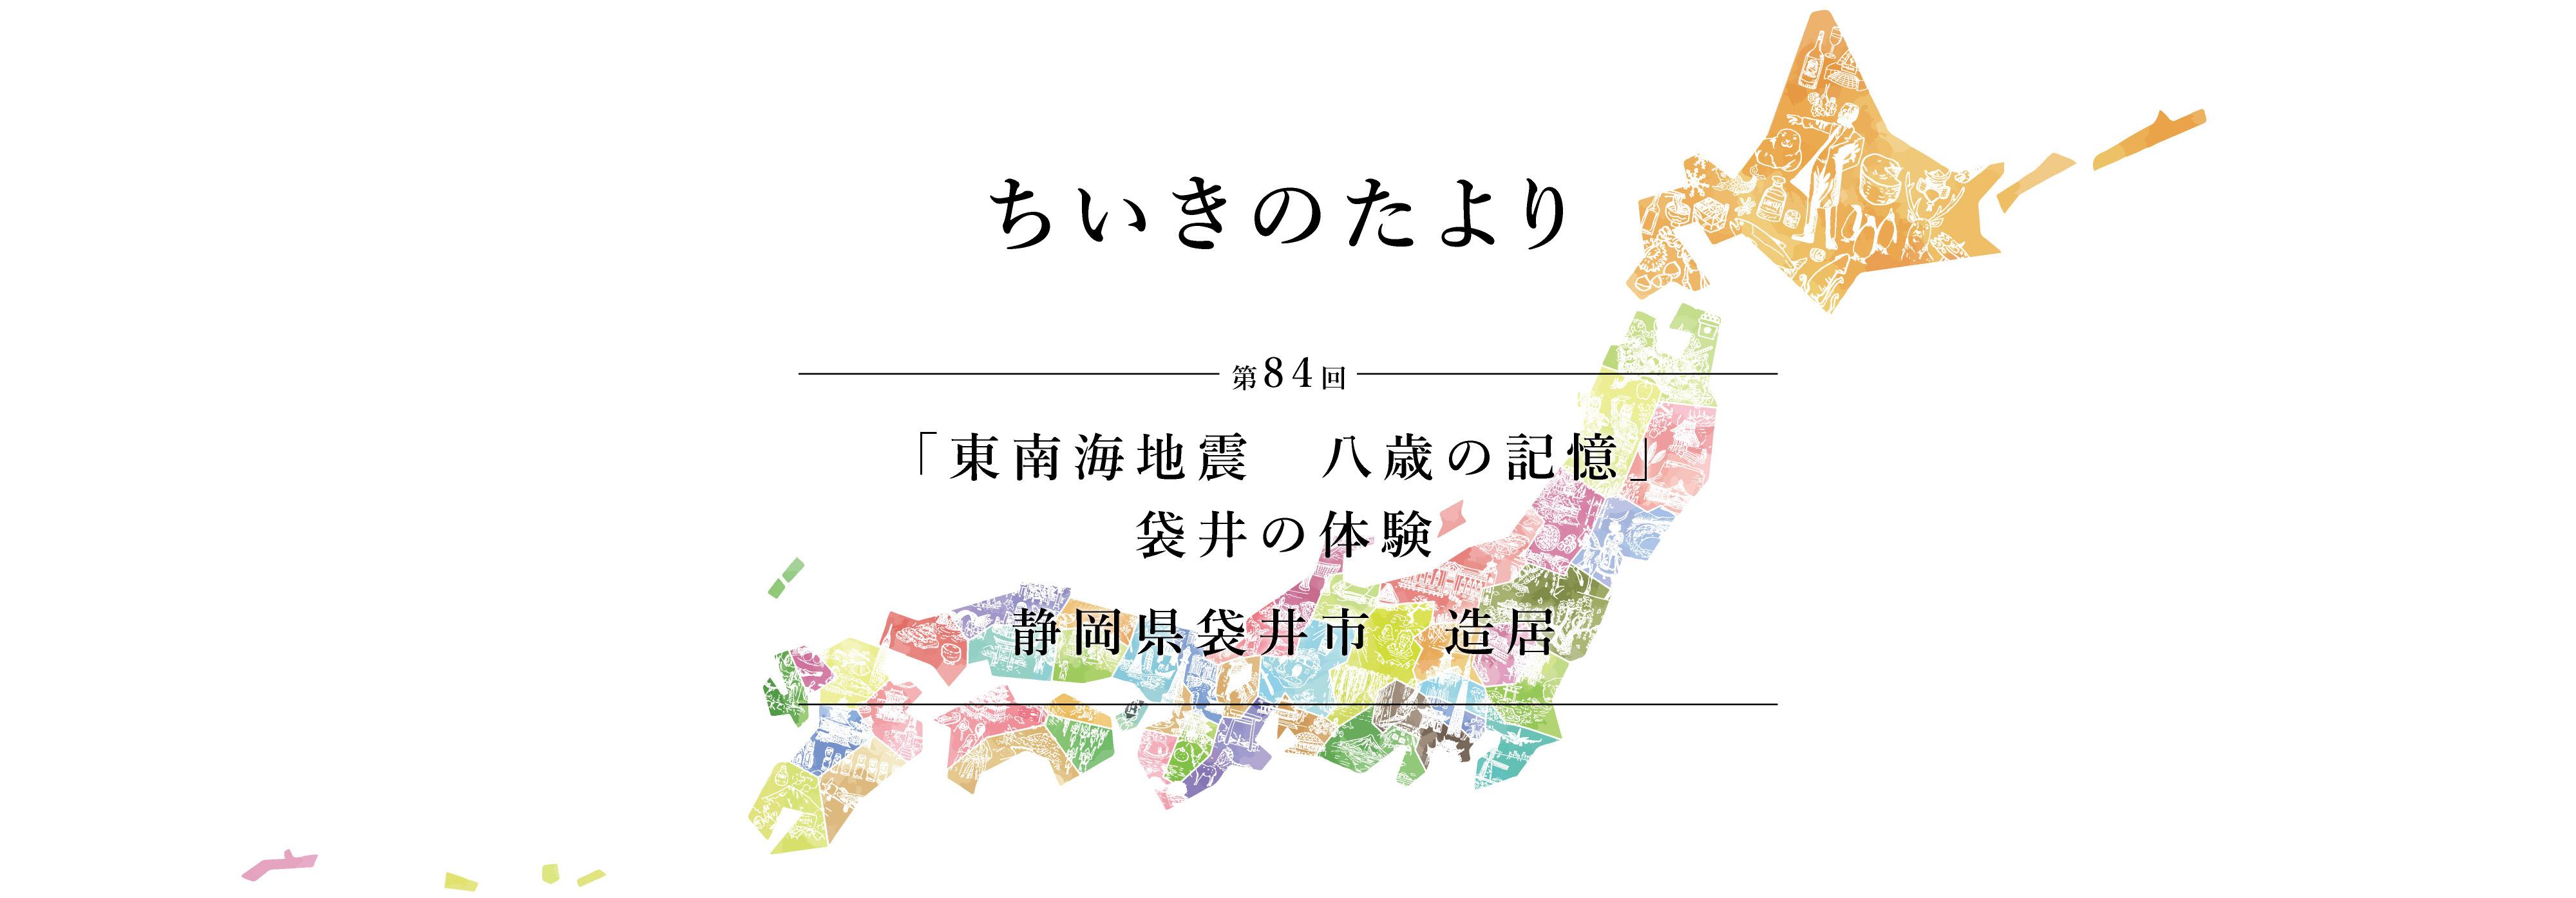 ちいきのたより第84回「東南海地震 八歳の記憶」袋井の体験  静岡県袋井市 造居